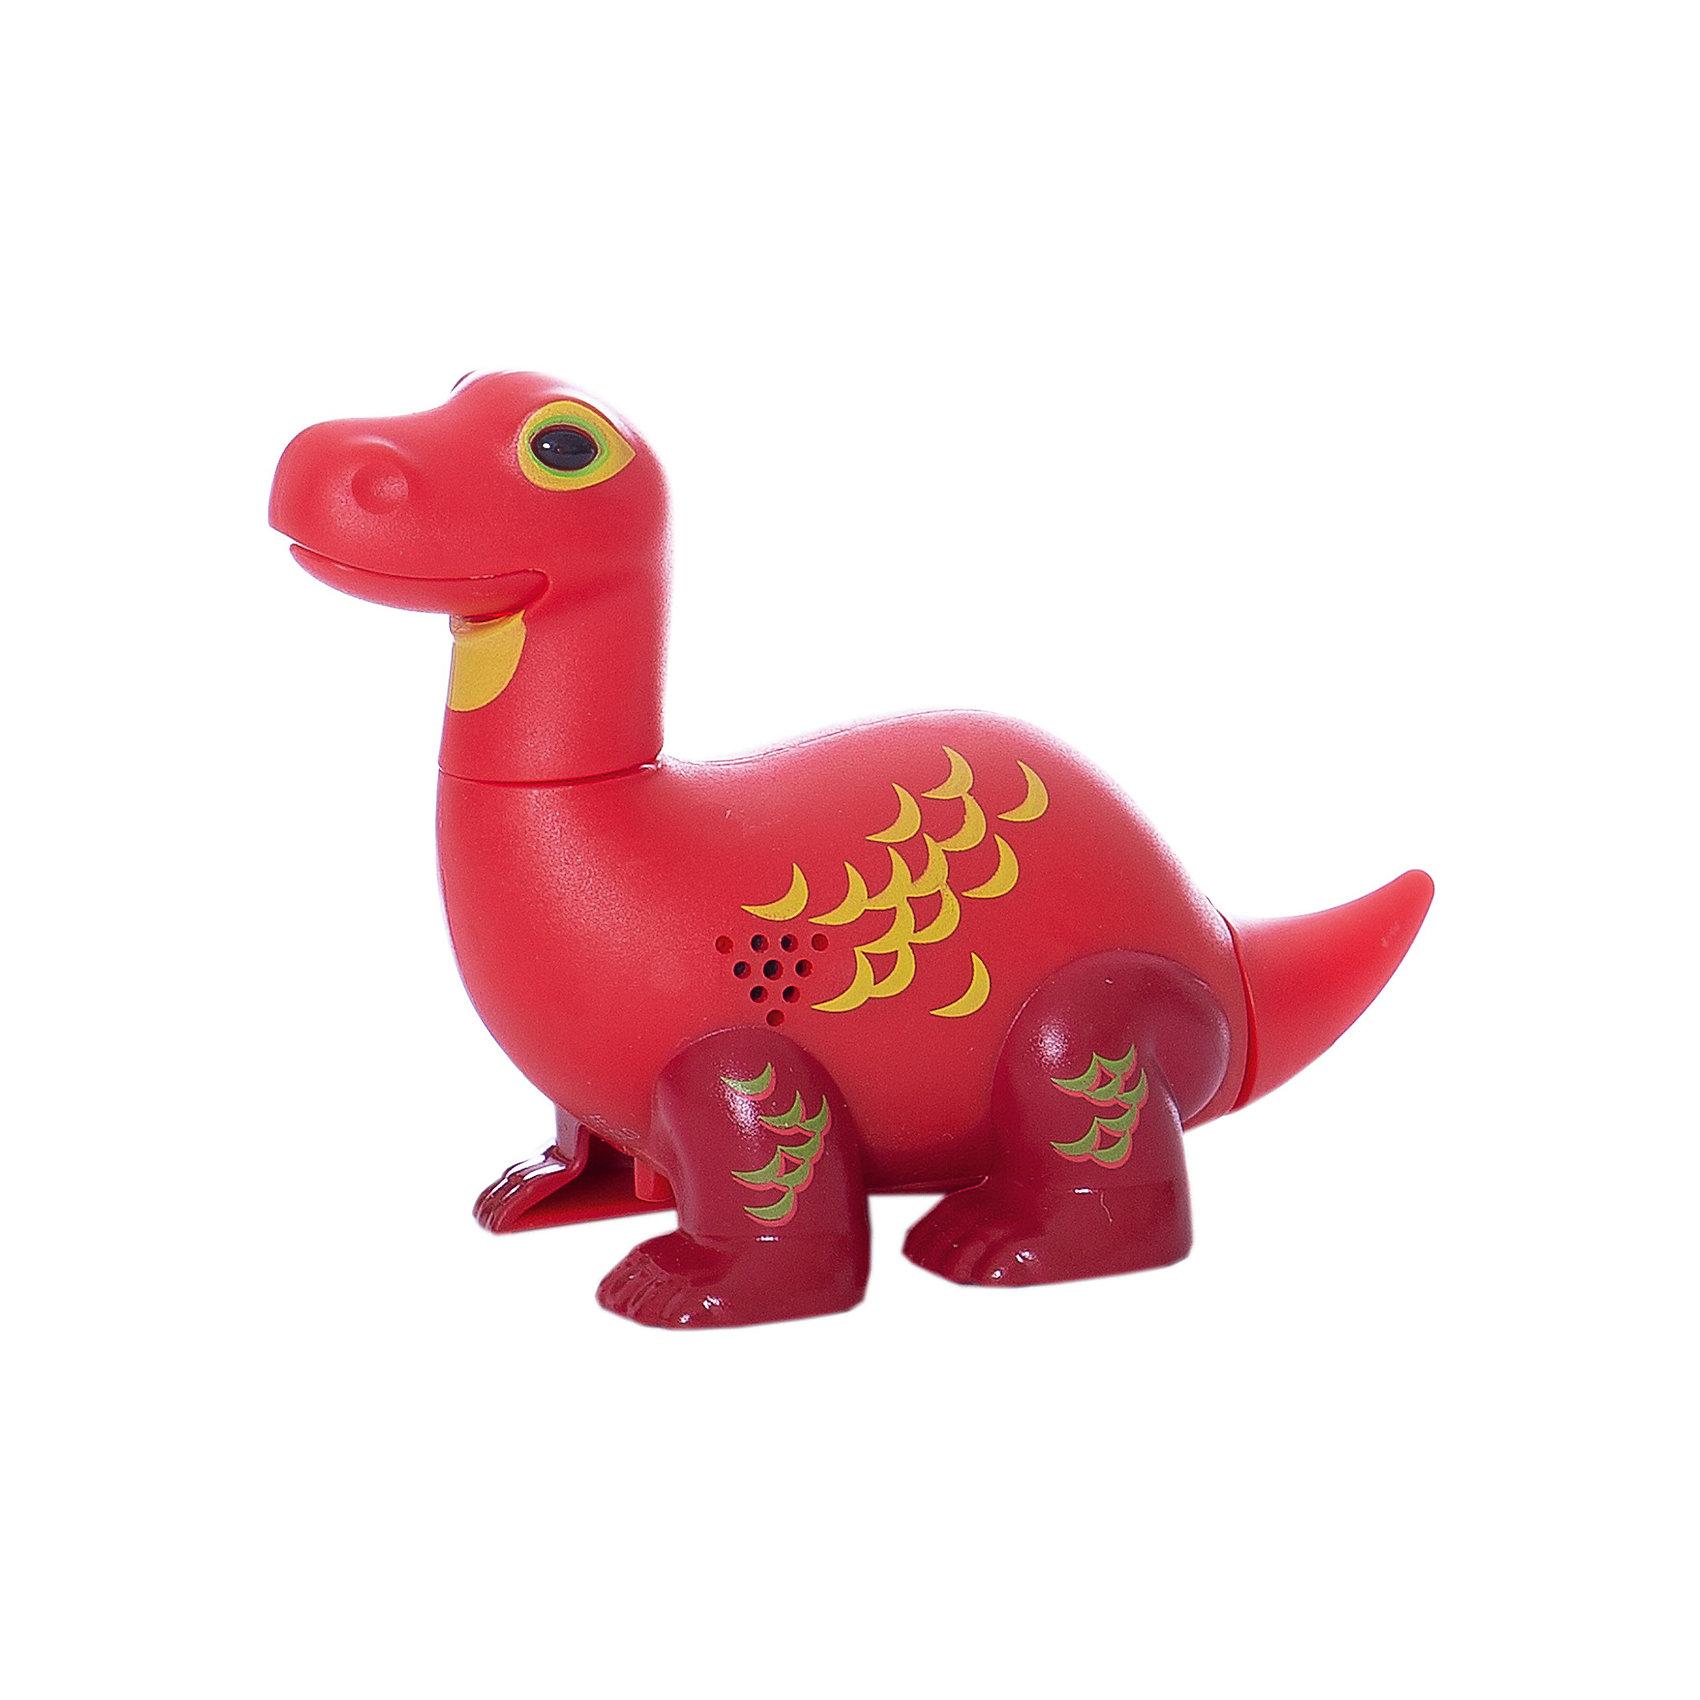 Поющий динозавр Digi Dinos, ApolloХарактеристики товара:<br><br>- цвет: красный;<br>- материал: пластик, металл;<br>- батарейки: 3xAG13/LR44, в комплекте;<br>- размер упаковки: 16x10x7 см;<br>- габариты игрушки: 6,5x10x15 см;<br>- умеет петь, рычать, записывать звуки, шевелить головой и хвостом.<br><br>Такая игрушка в виде динозавра поможет ребенку весело проводить время - динозавр умеет петь, рычать, записывать звуки, шевелить головой и хвостом. Это выглядит очень забавно! Игрушка реагирует на звук от специального свистка, который входит в комплект. Также можно приобрести другие игрушки из этой серии - тогда они будут петь хором!<br>Динозавр способен помогать всестороннему развитию ребенка: развивать тактильное восприятие, мелкую моторику, воображение, внимание и логику. Изделие произведено из качественных материалов, безопасных для ребенка. Набор станет отличным подарком детям!<br><br>Игрушку Динозавр от бренда Silverlit можно купить в нашем интернет-магазине.<br><br>Ширина мм: 115<br>Глубина мм: 150<br>Высота мм: 62<br>Вес г: 128<br>Возраст от месяцев: 36<br>Возраст до месяцев: 2147483647<br>Пол: Унисекс<br>Возраст: Детский<br>SKU: 5156846